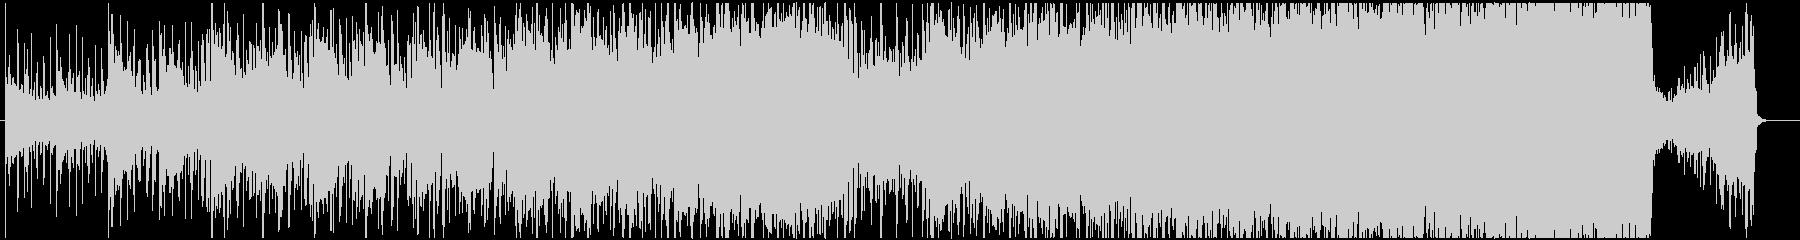 重層的なボーカルループ、ポストロックの未再生の波形